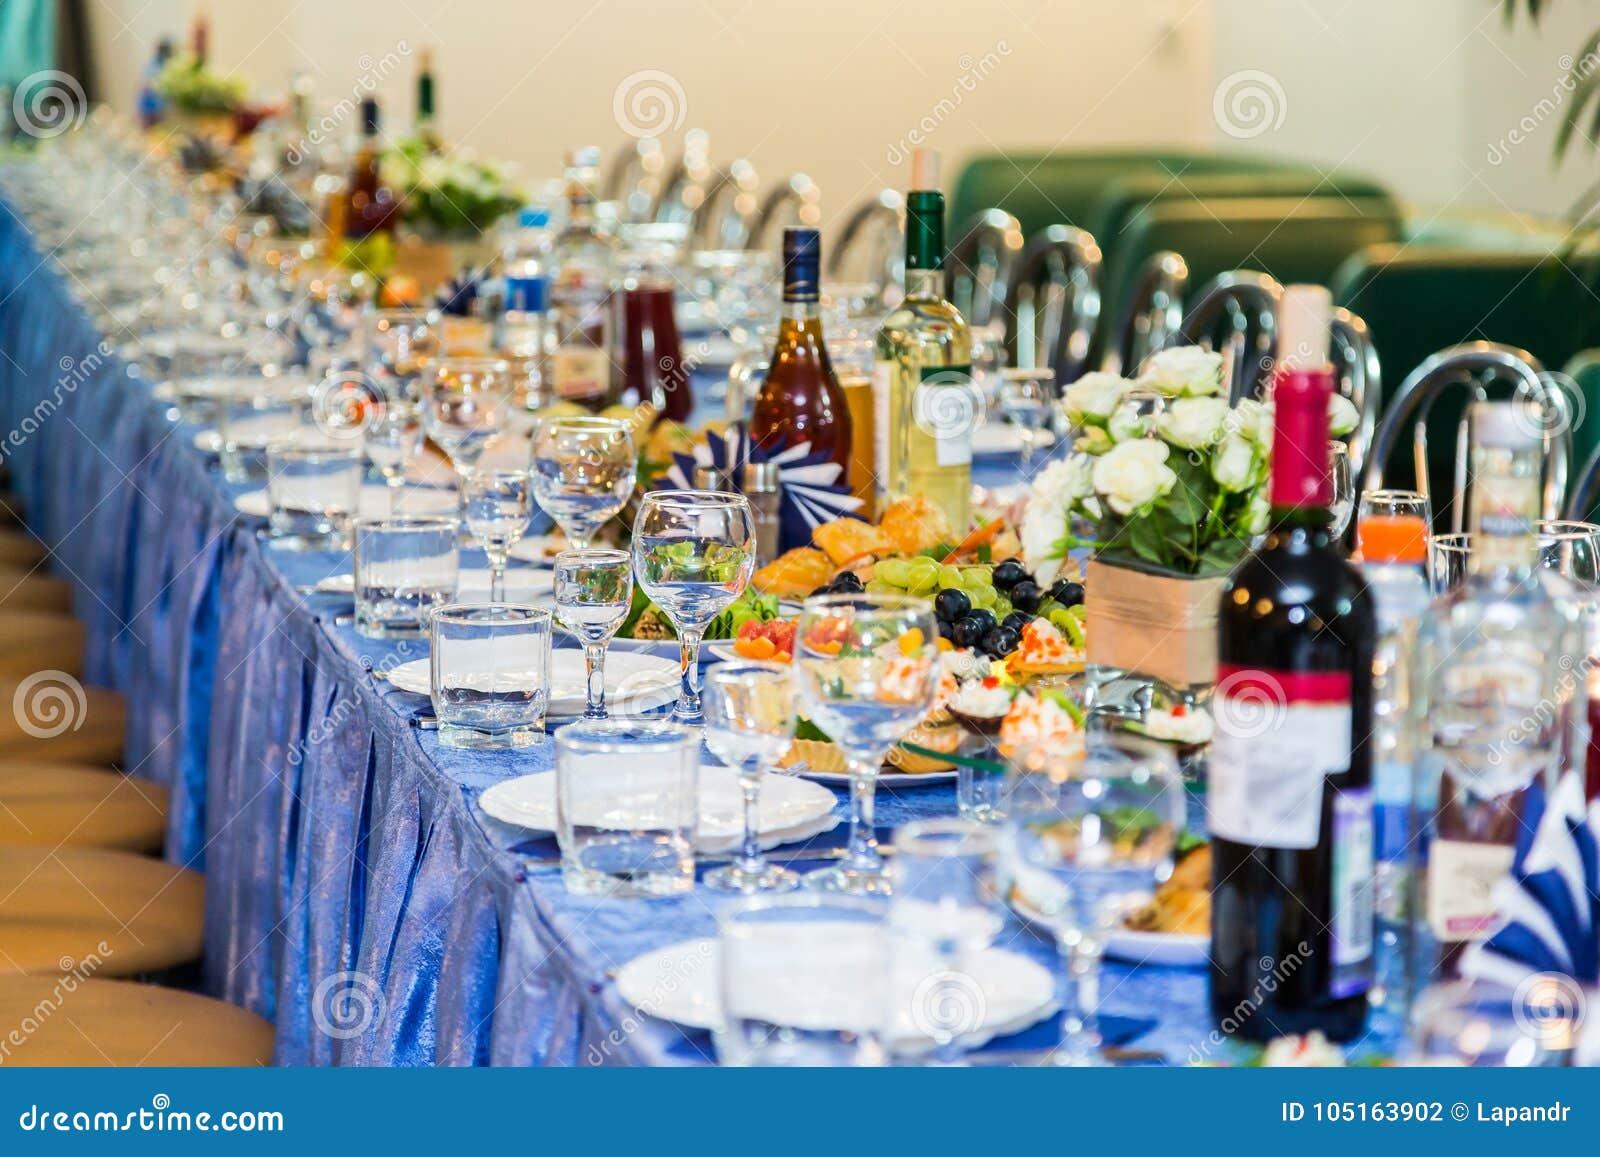 Εξυπηρετούμενοι πίνακες στο συμπόσιο Ποτό, οινόπνευμα, λιχουδιές και πρόχειρα φαγητά catering Ένα γεγονός υποδοχής